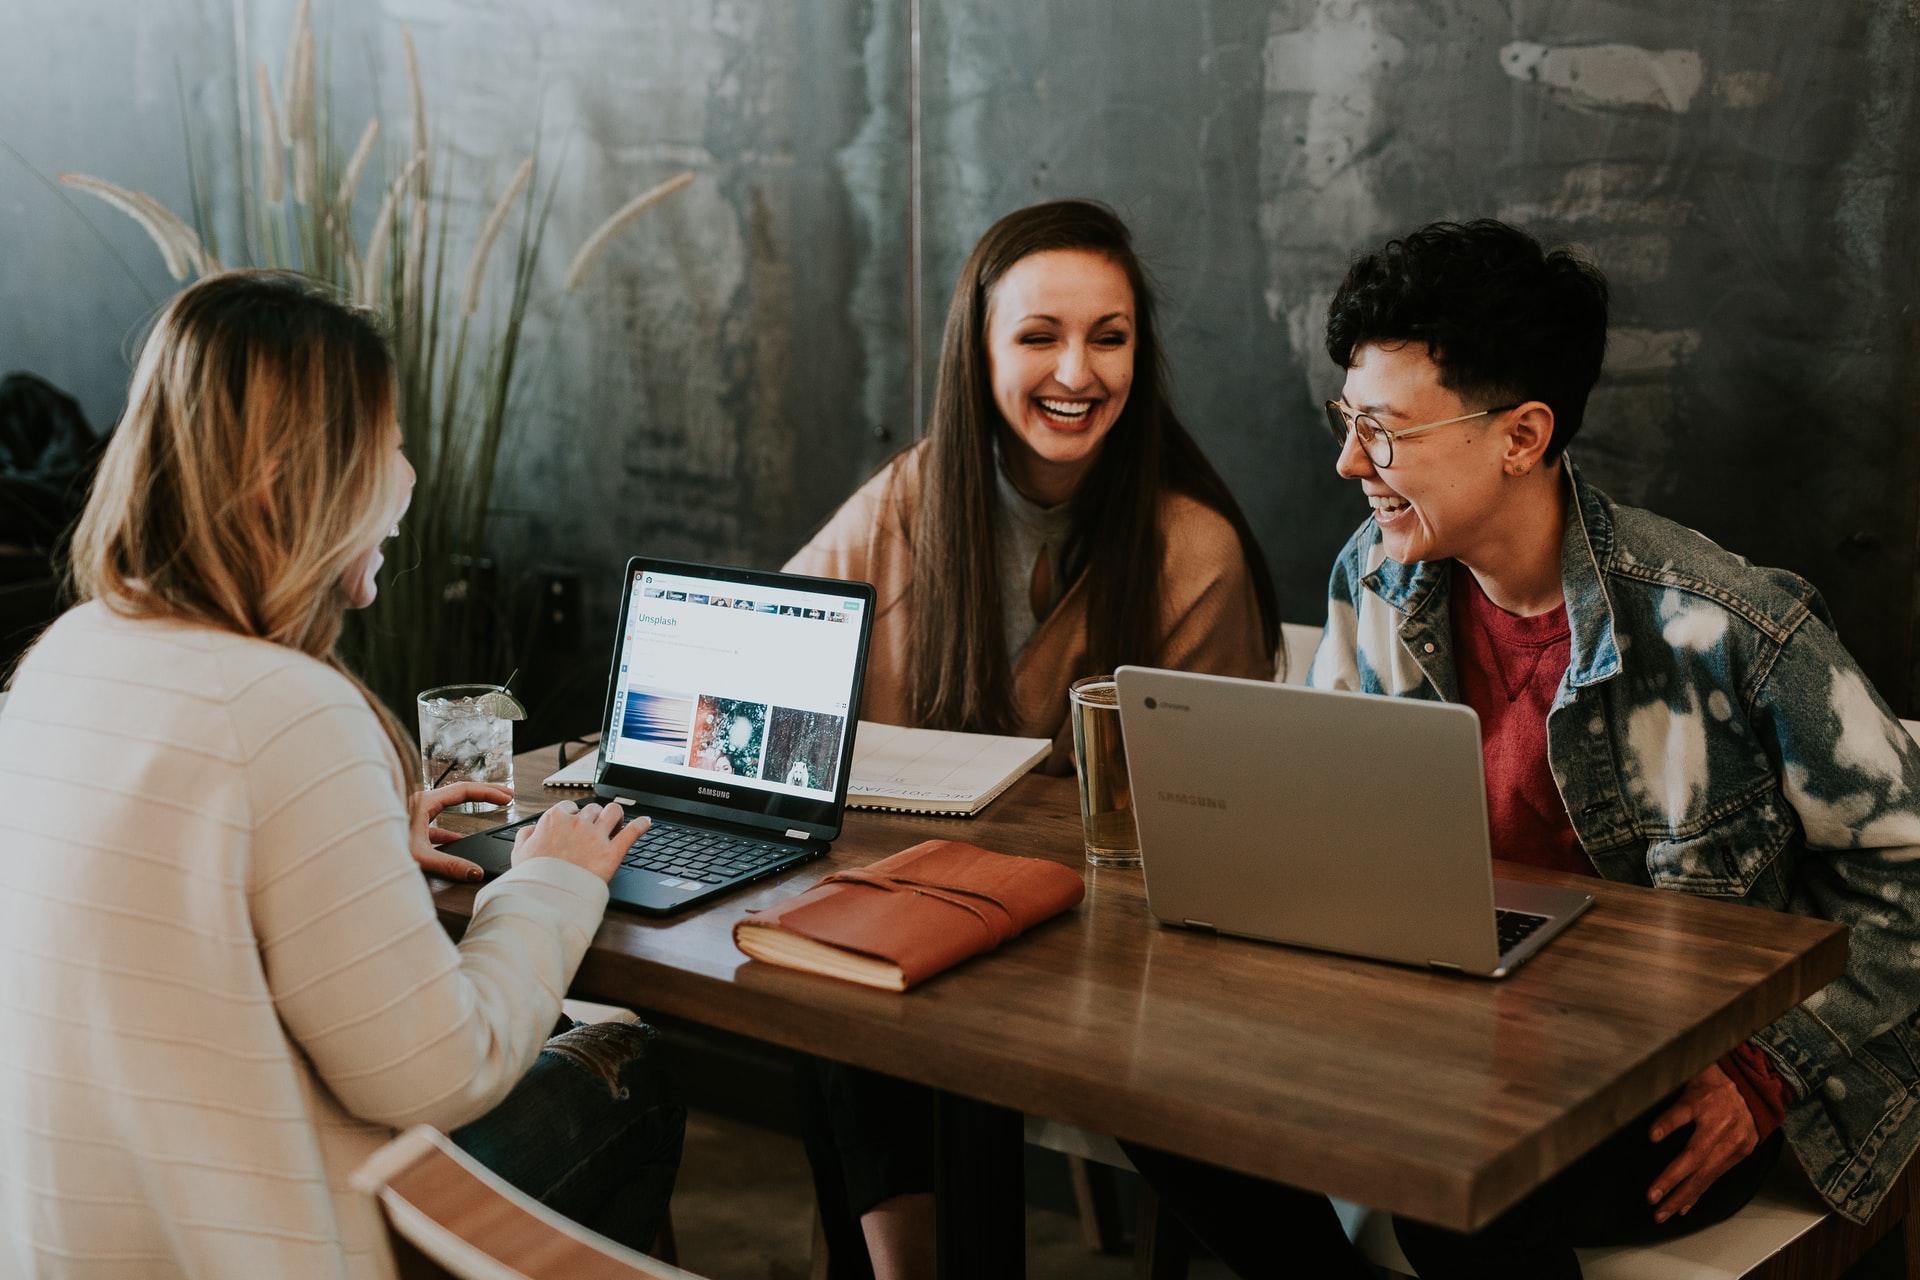 Drei Personen am Laptop unterhalten sich untereinander